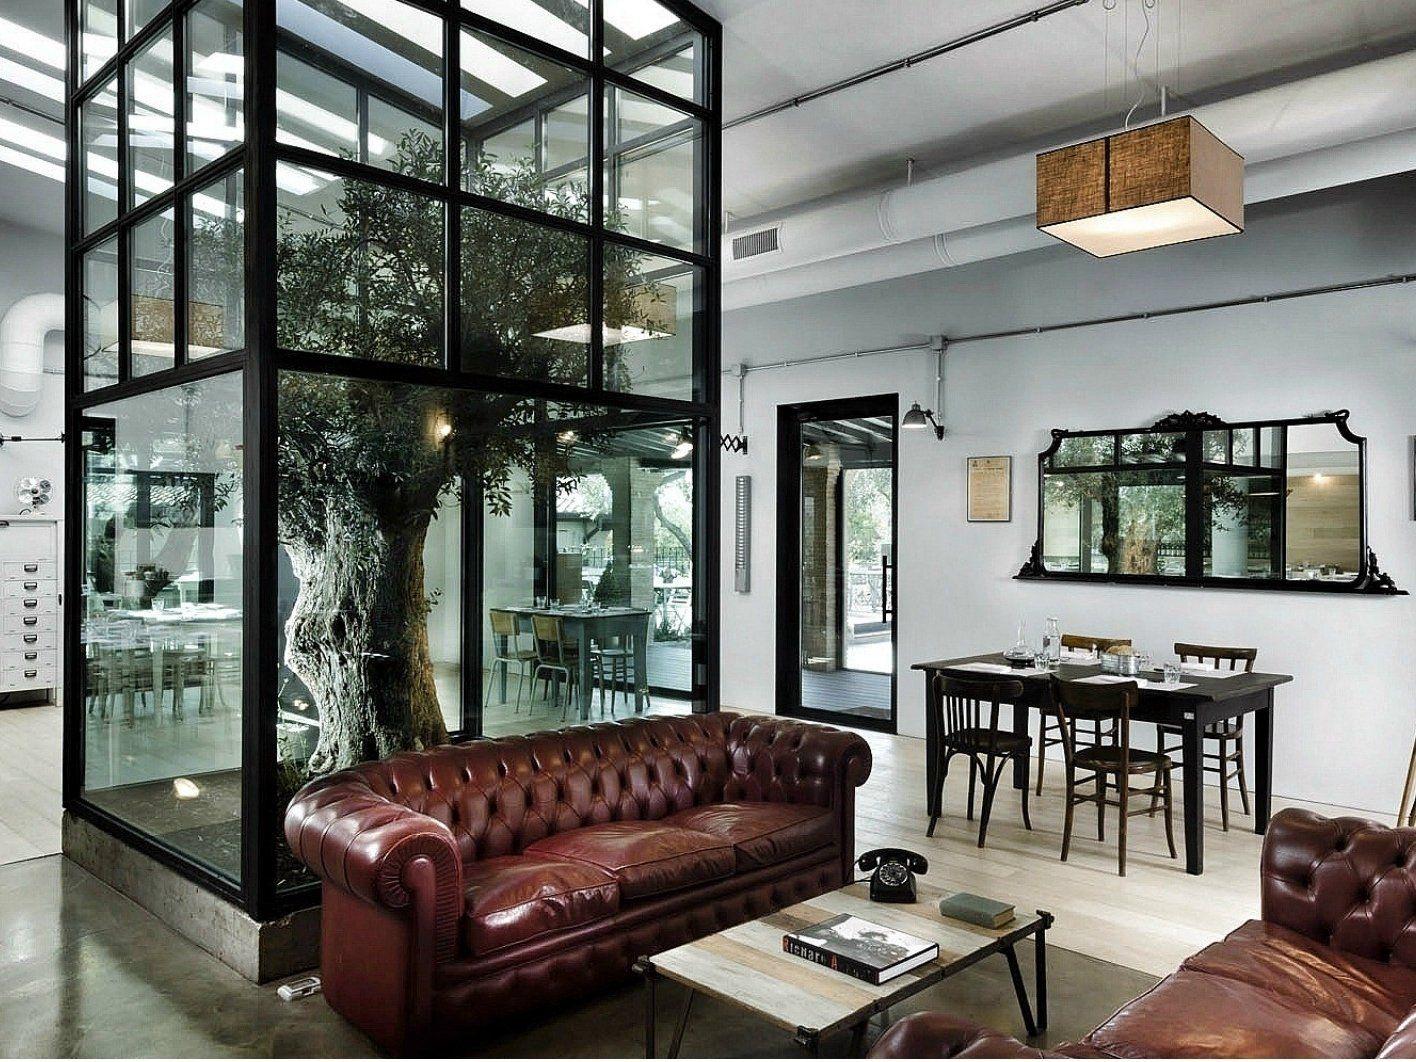 Kook di Noses Architects: cucina e architettura si incontrano qui